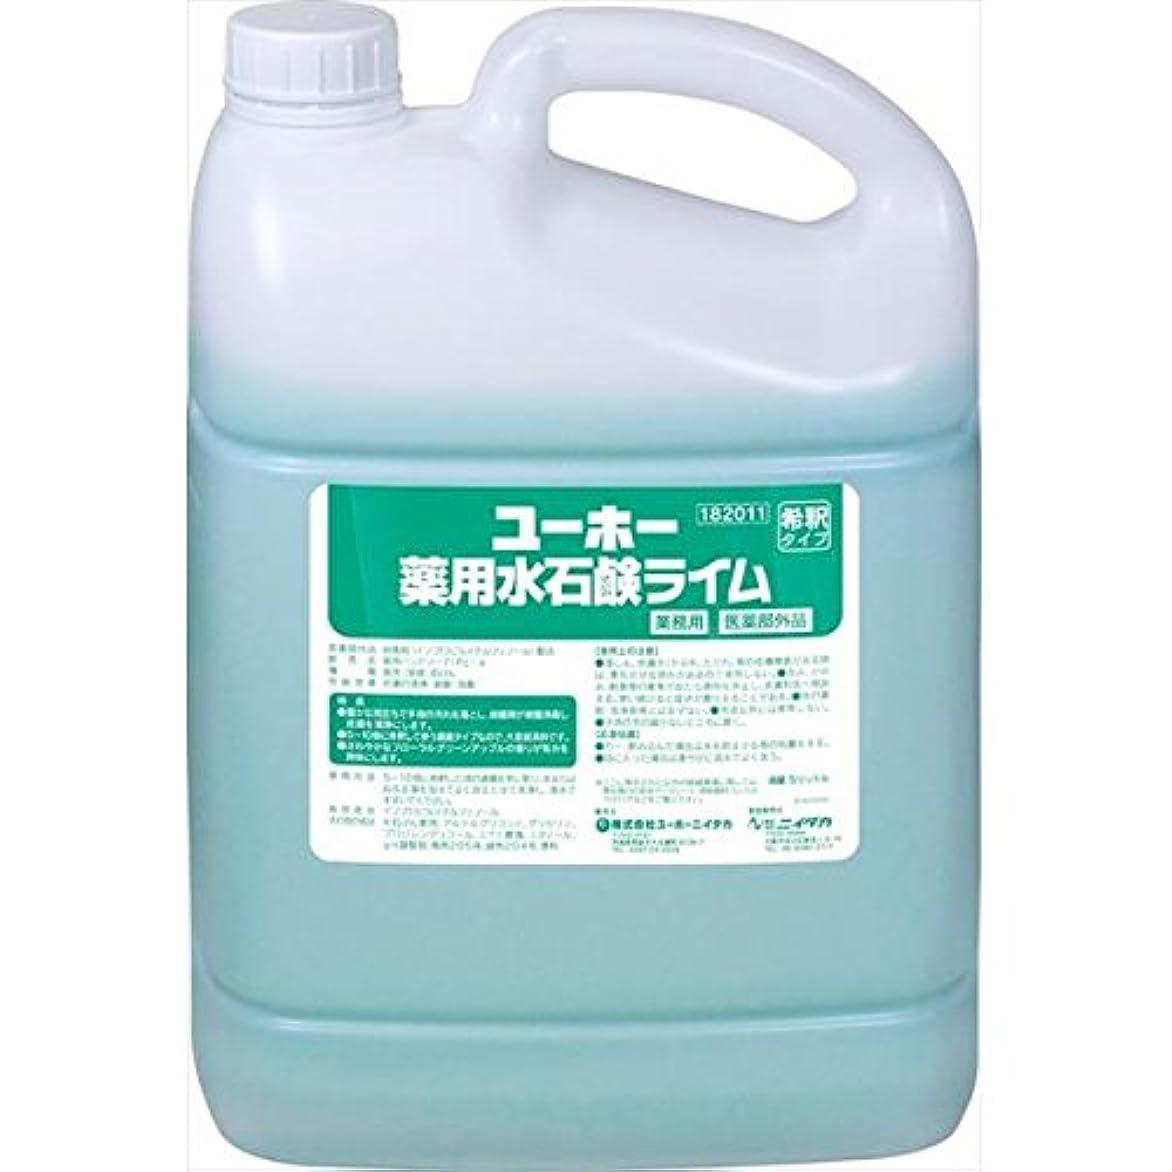 願うファッション解説ユーホーニイタカ:薬用水石鹸ライム 5L×2 182011